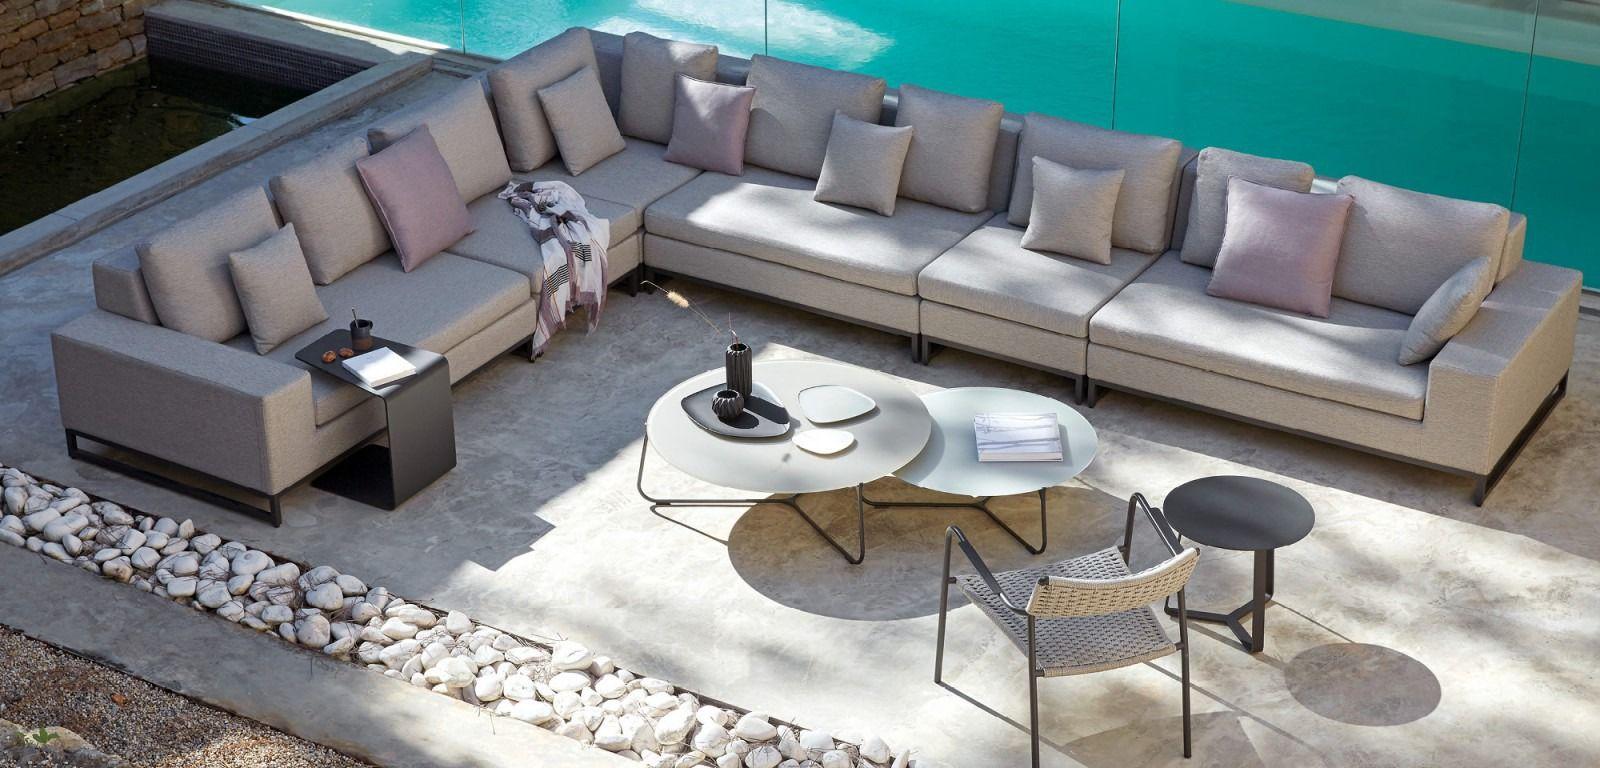 Nieuw Een #loungebank die groot genoeg is voor je hele familie. #tuinset US-24